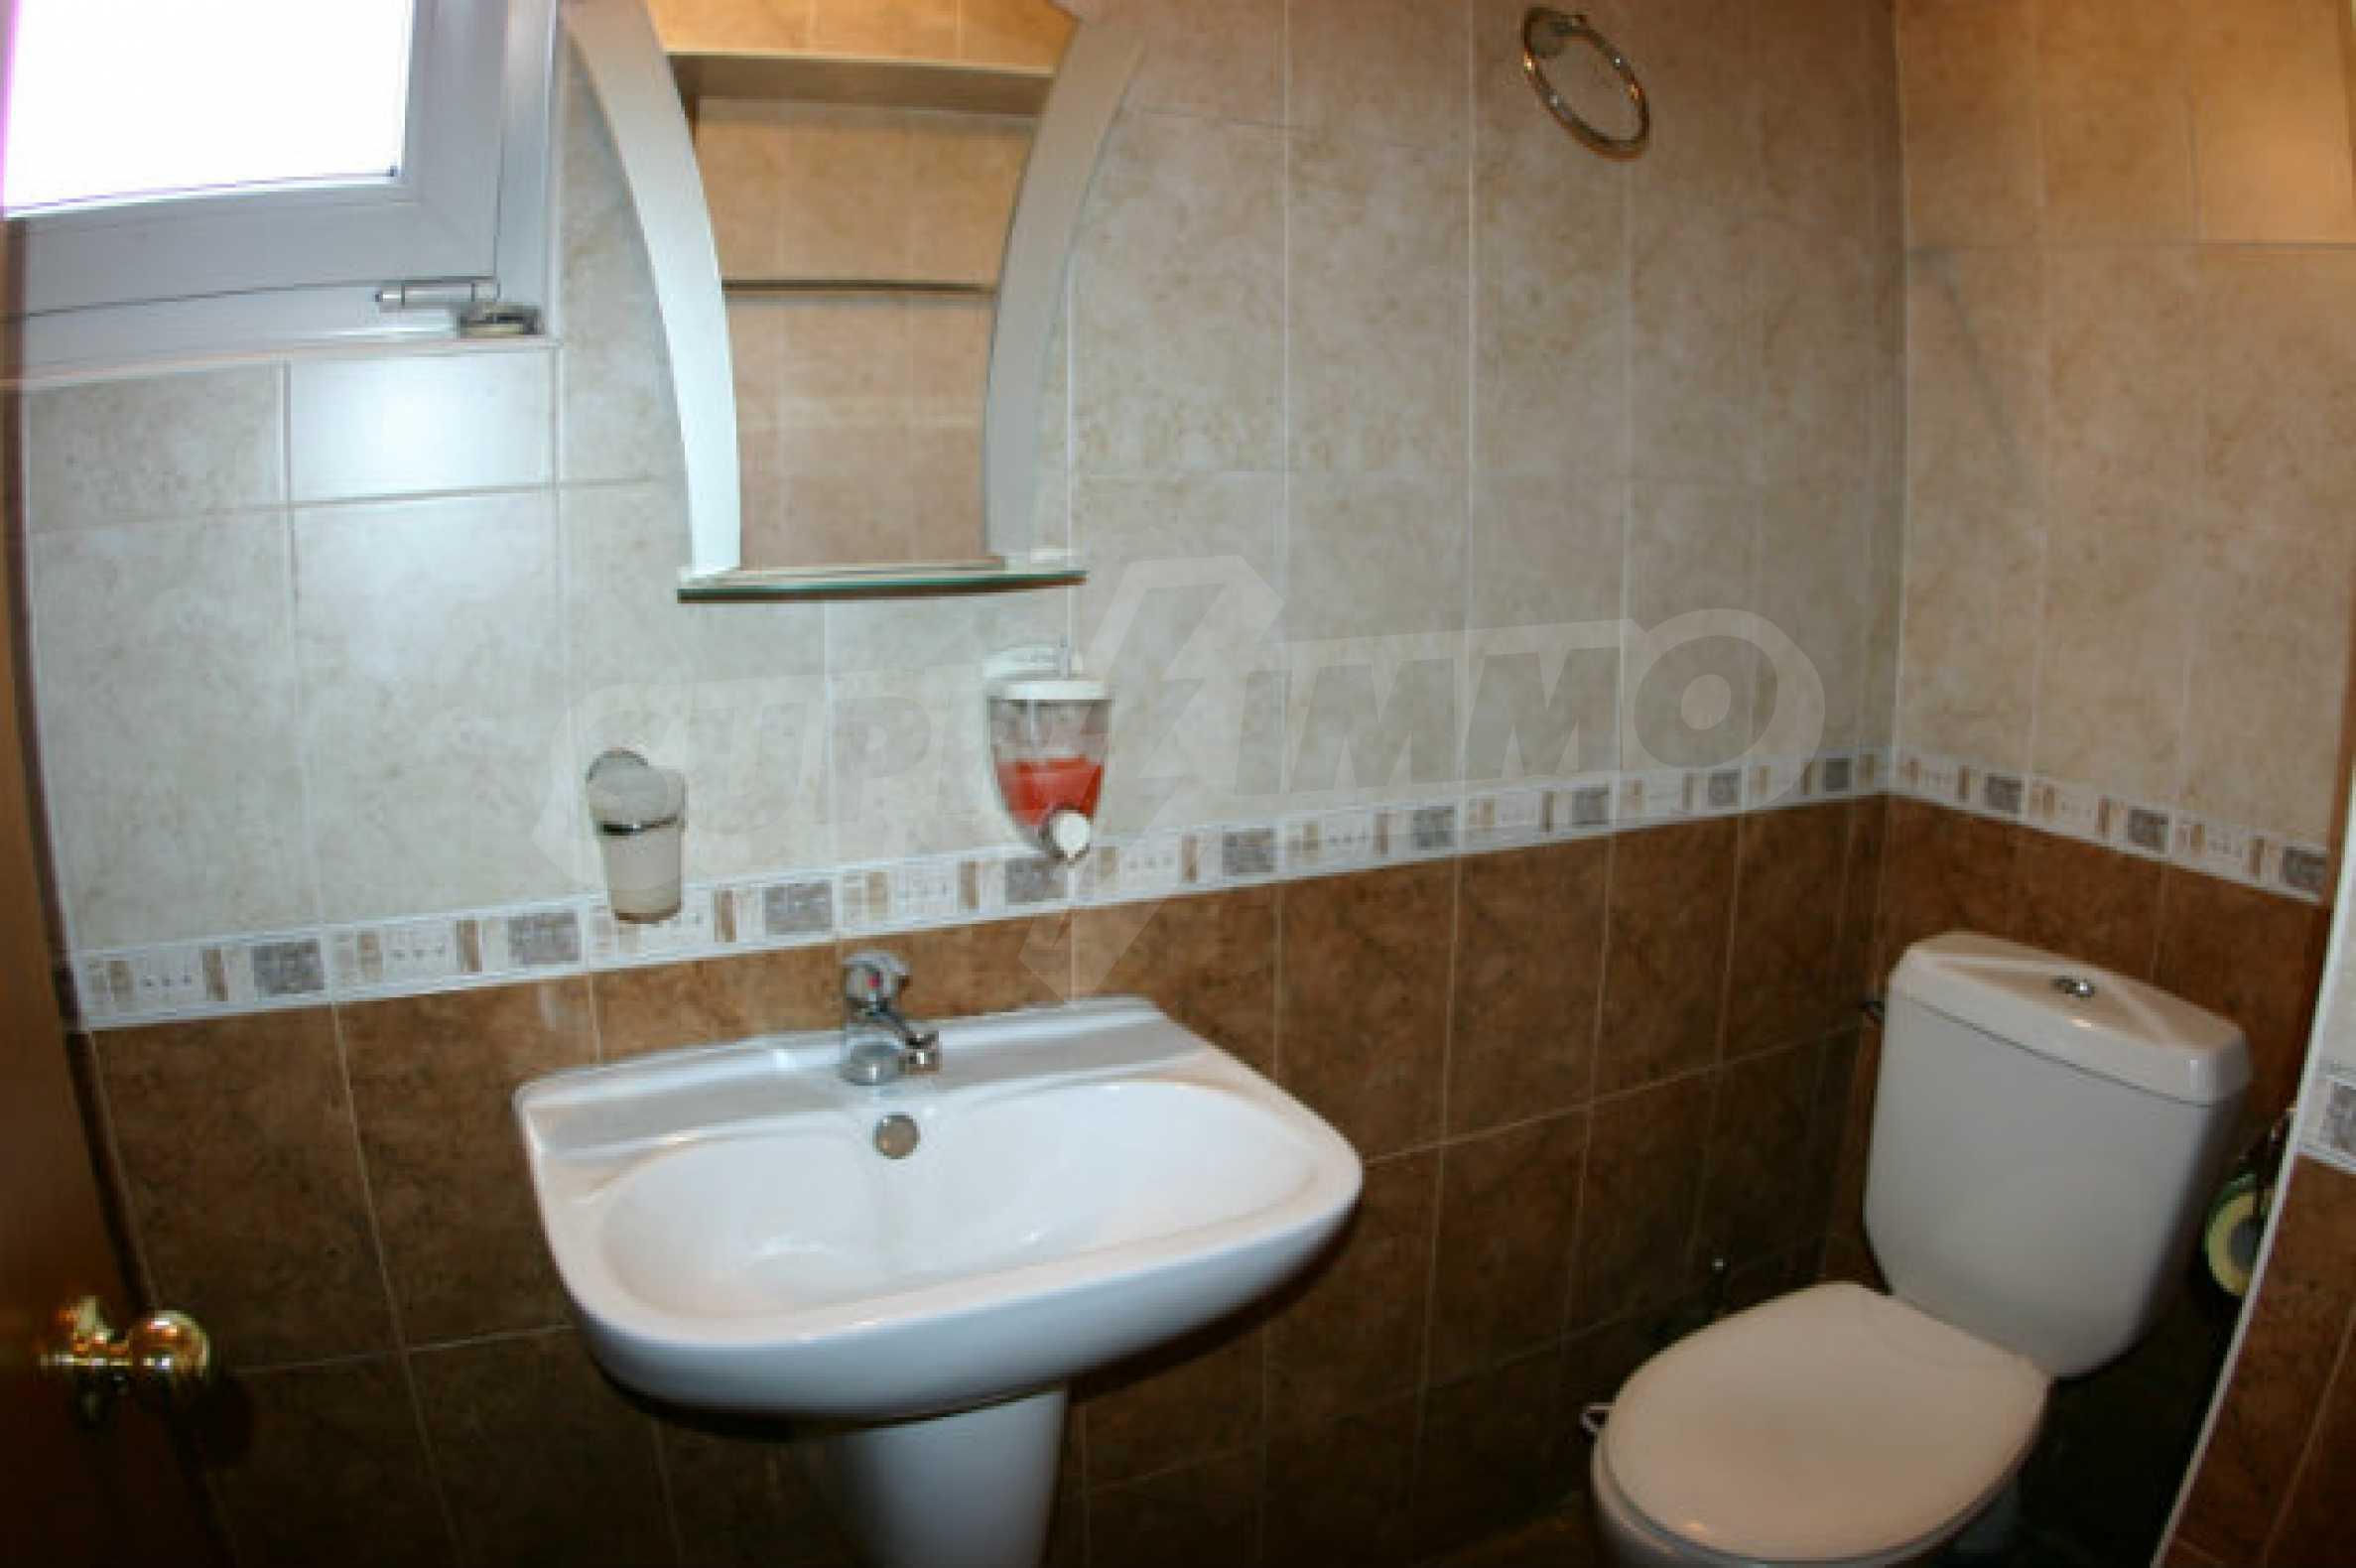 Familienhotel zum Verkauf in Dobrinischte, 6 km von Bansko entfernt 35